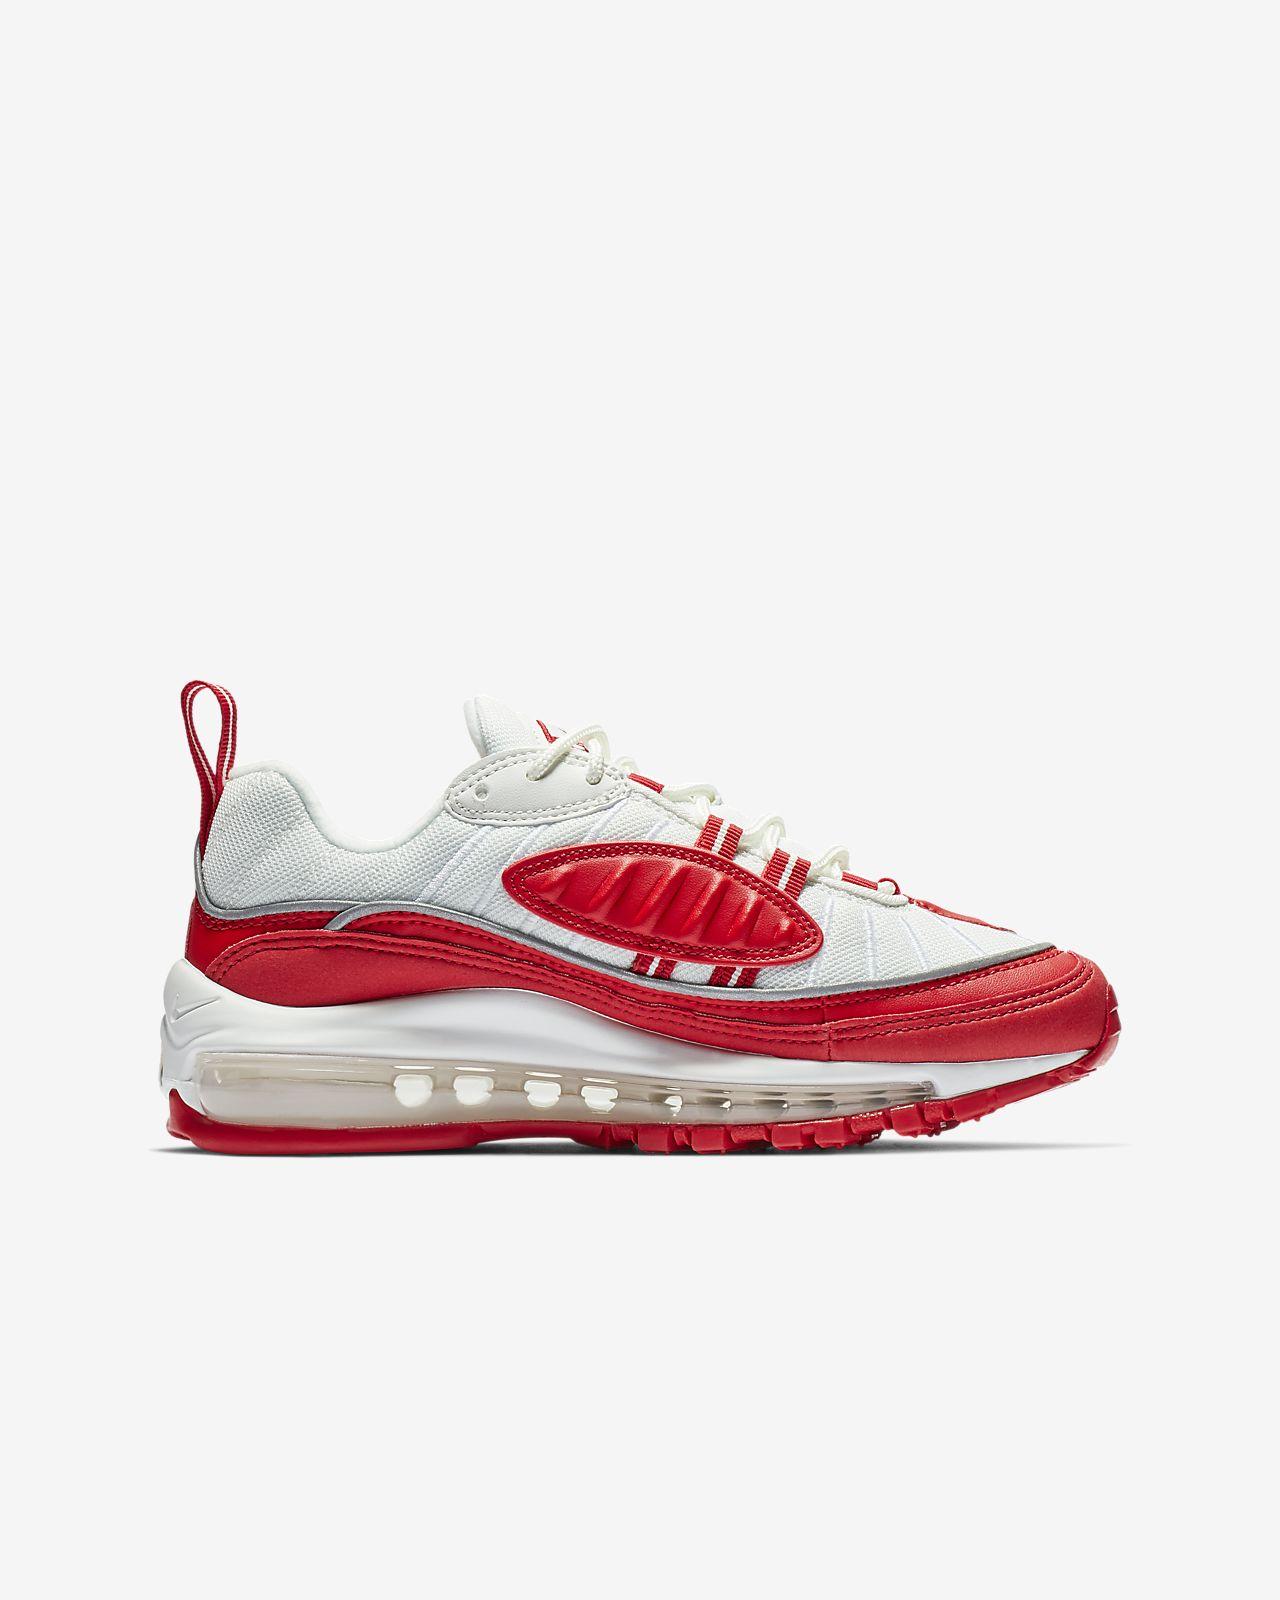 98 Nagyobb Cipő Air GyerekeknekHu Nike Max N0wmv8nO